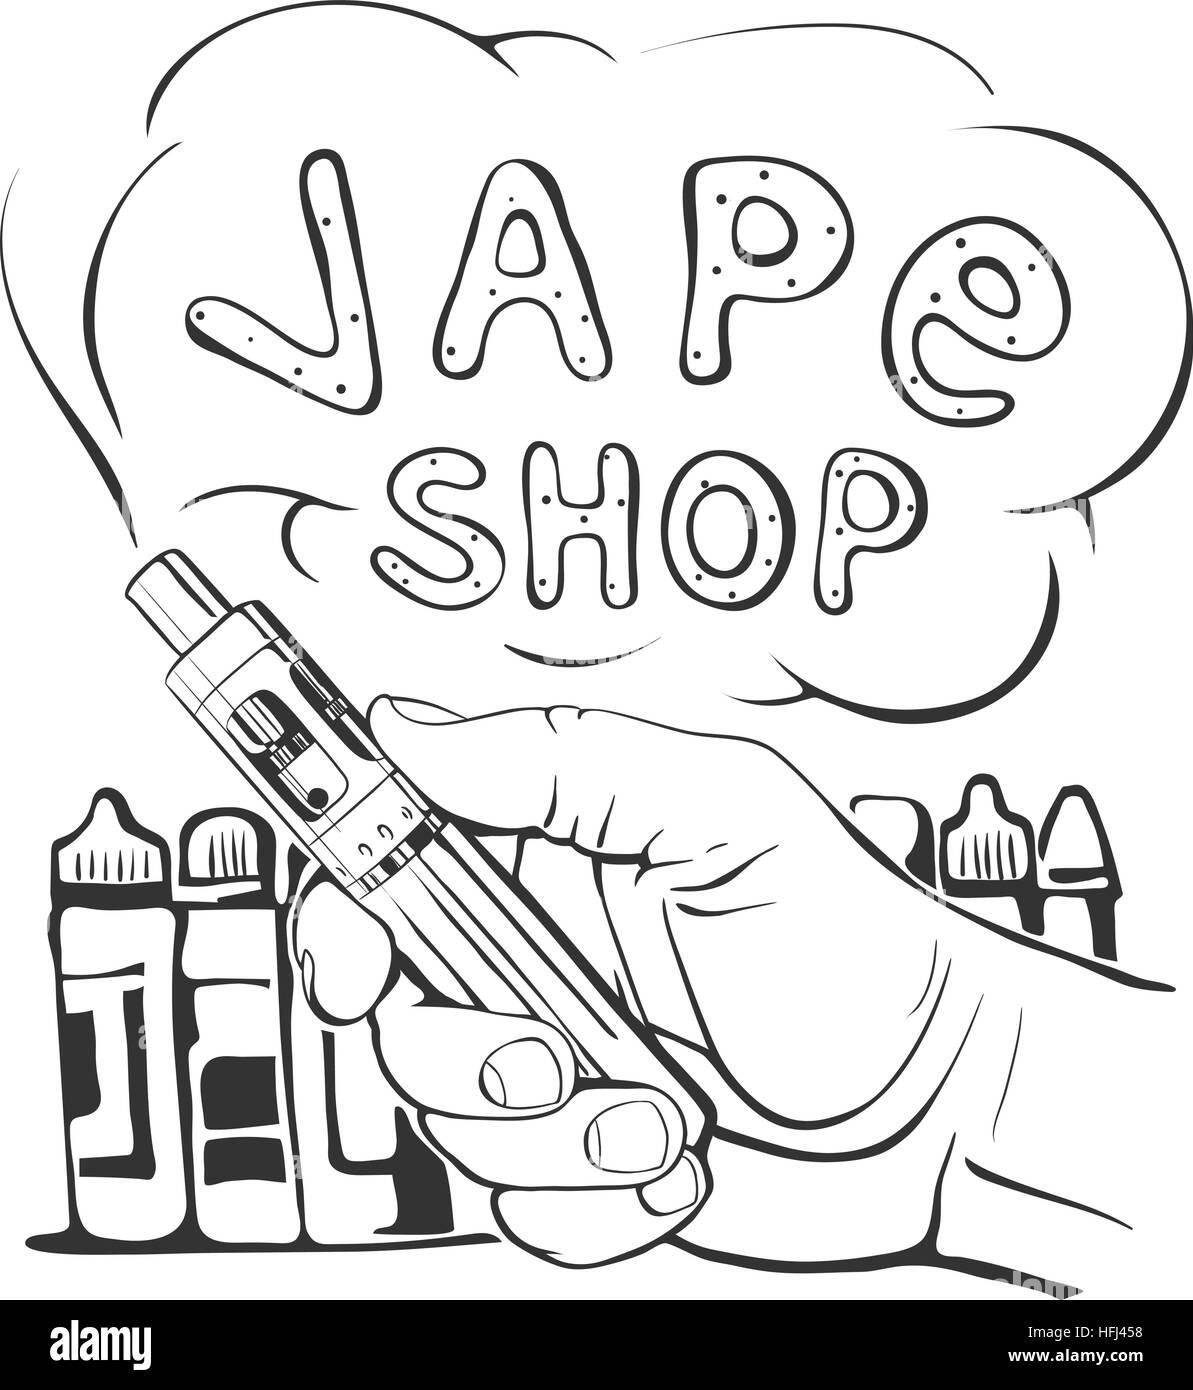 Vape Shop logo on a white background - Stock Image